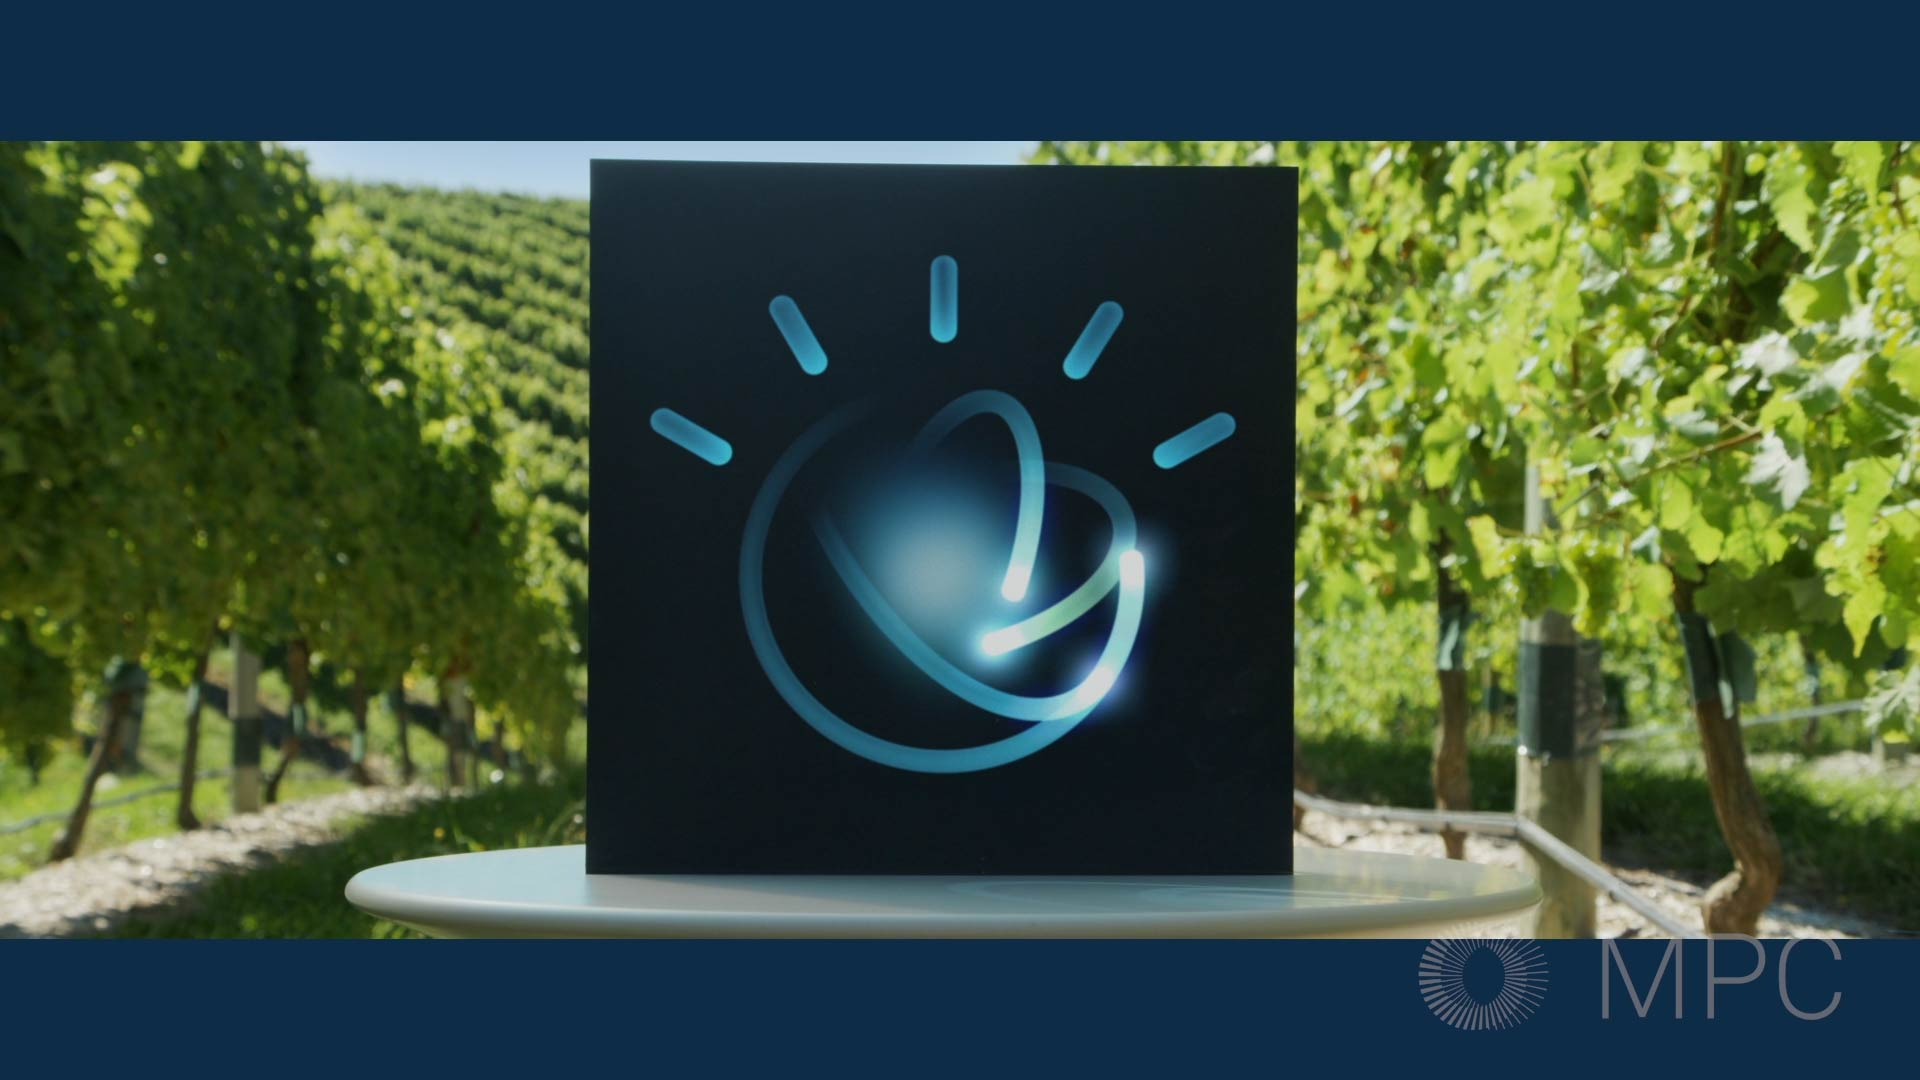 IBM_06.jpg